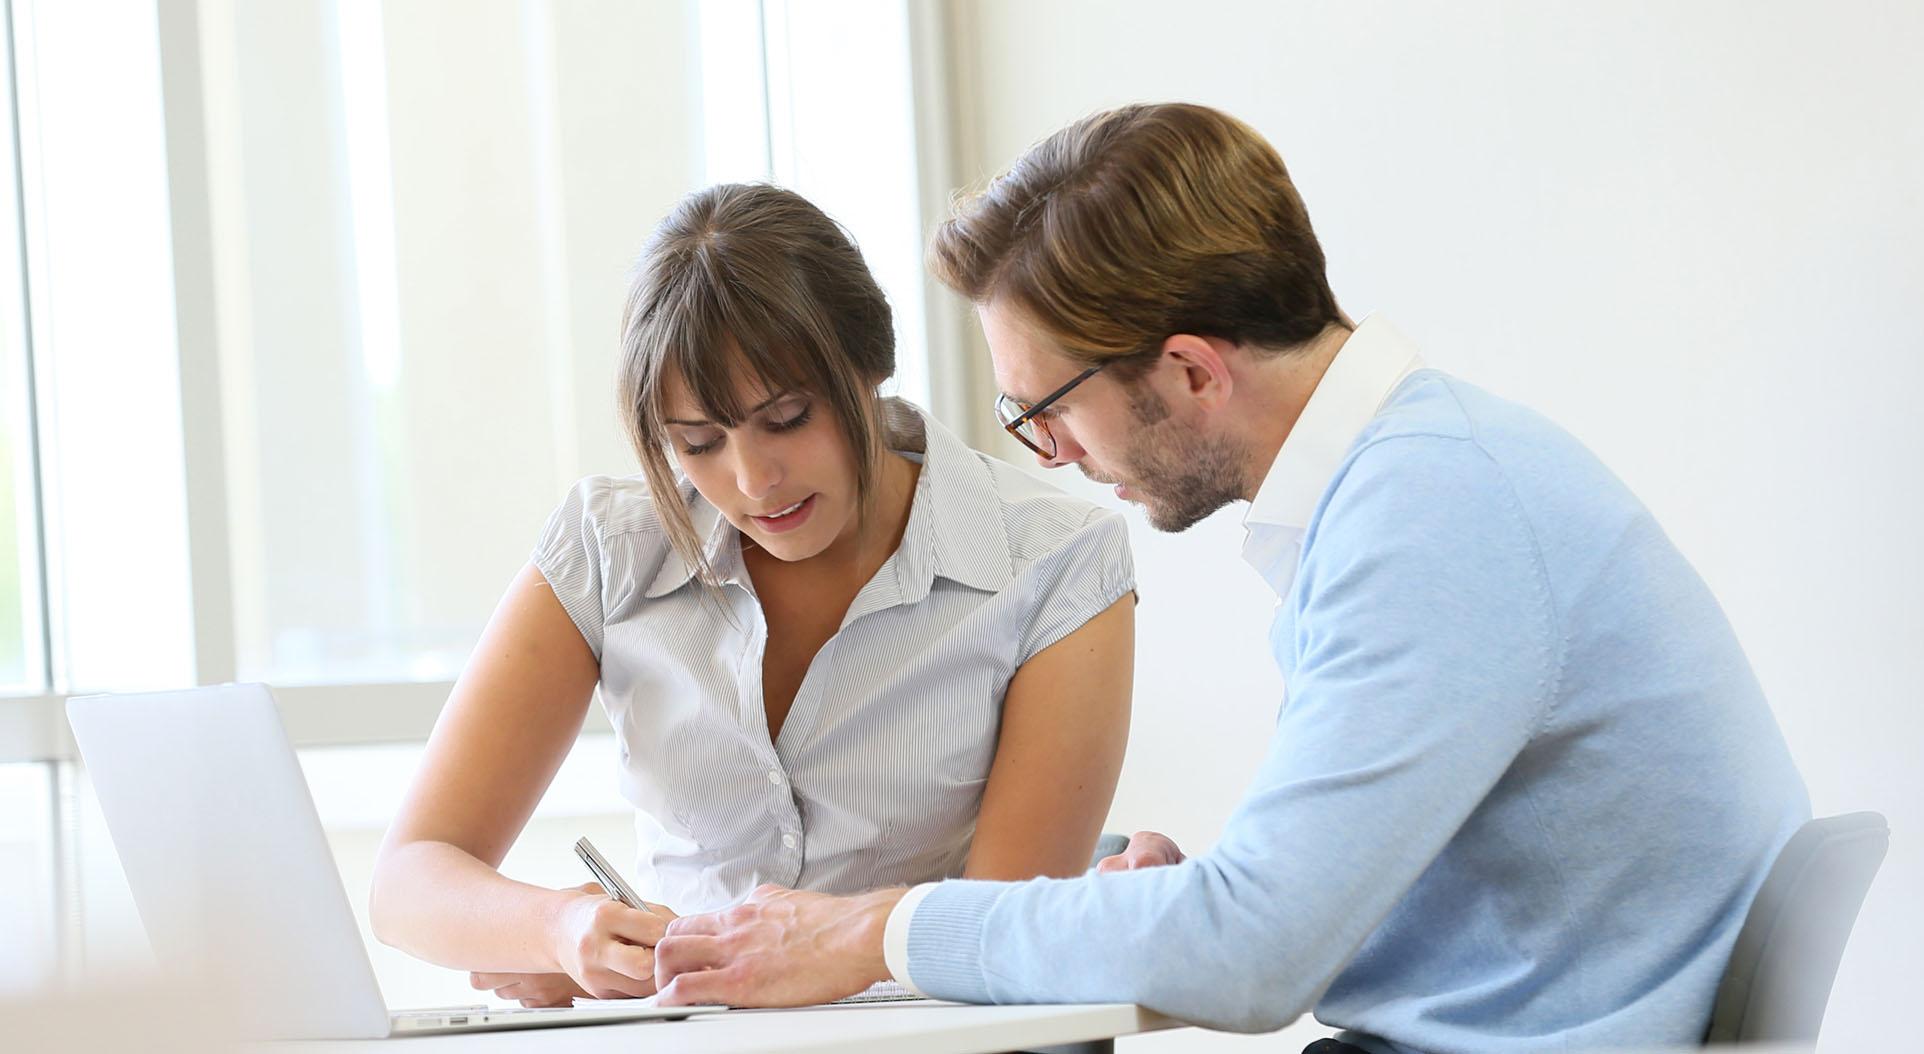 Iver levererar skandinavisk lösning till försäkringsbolaget Help